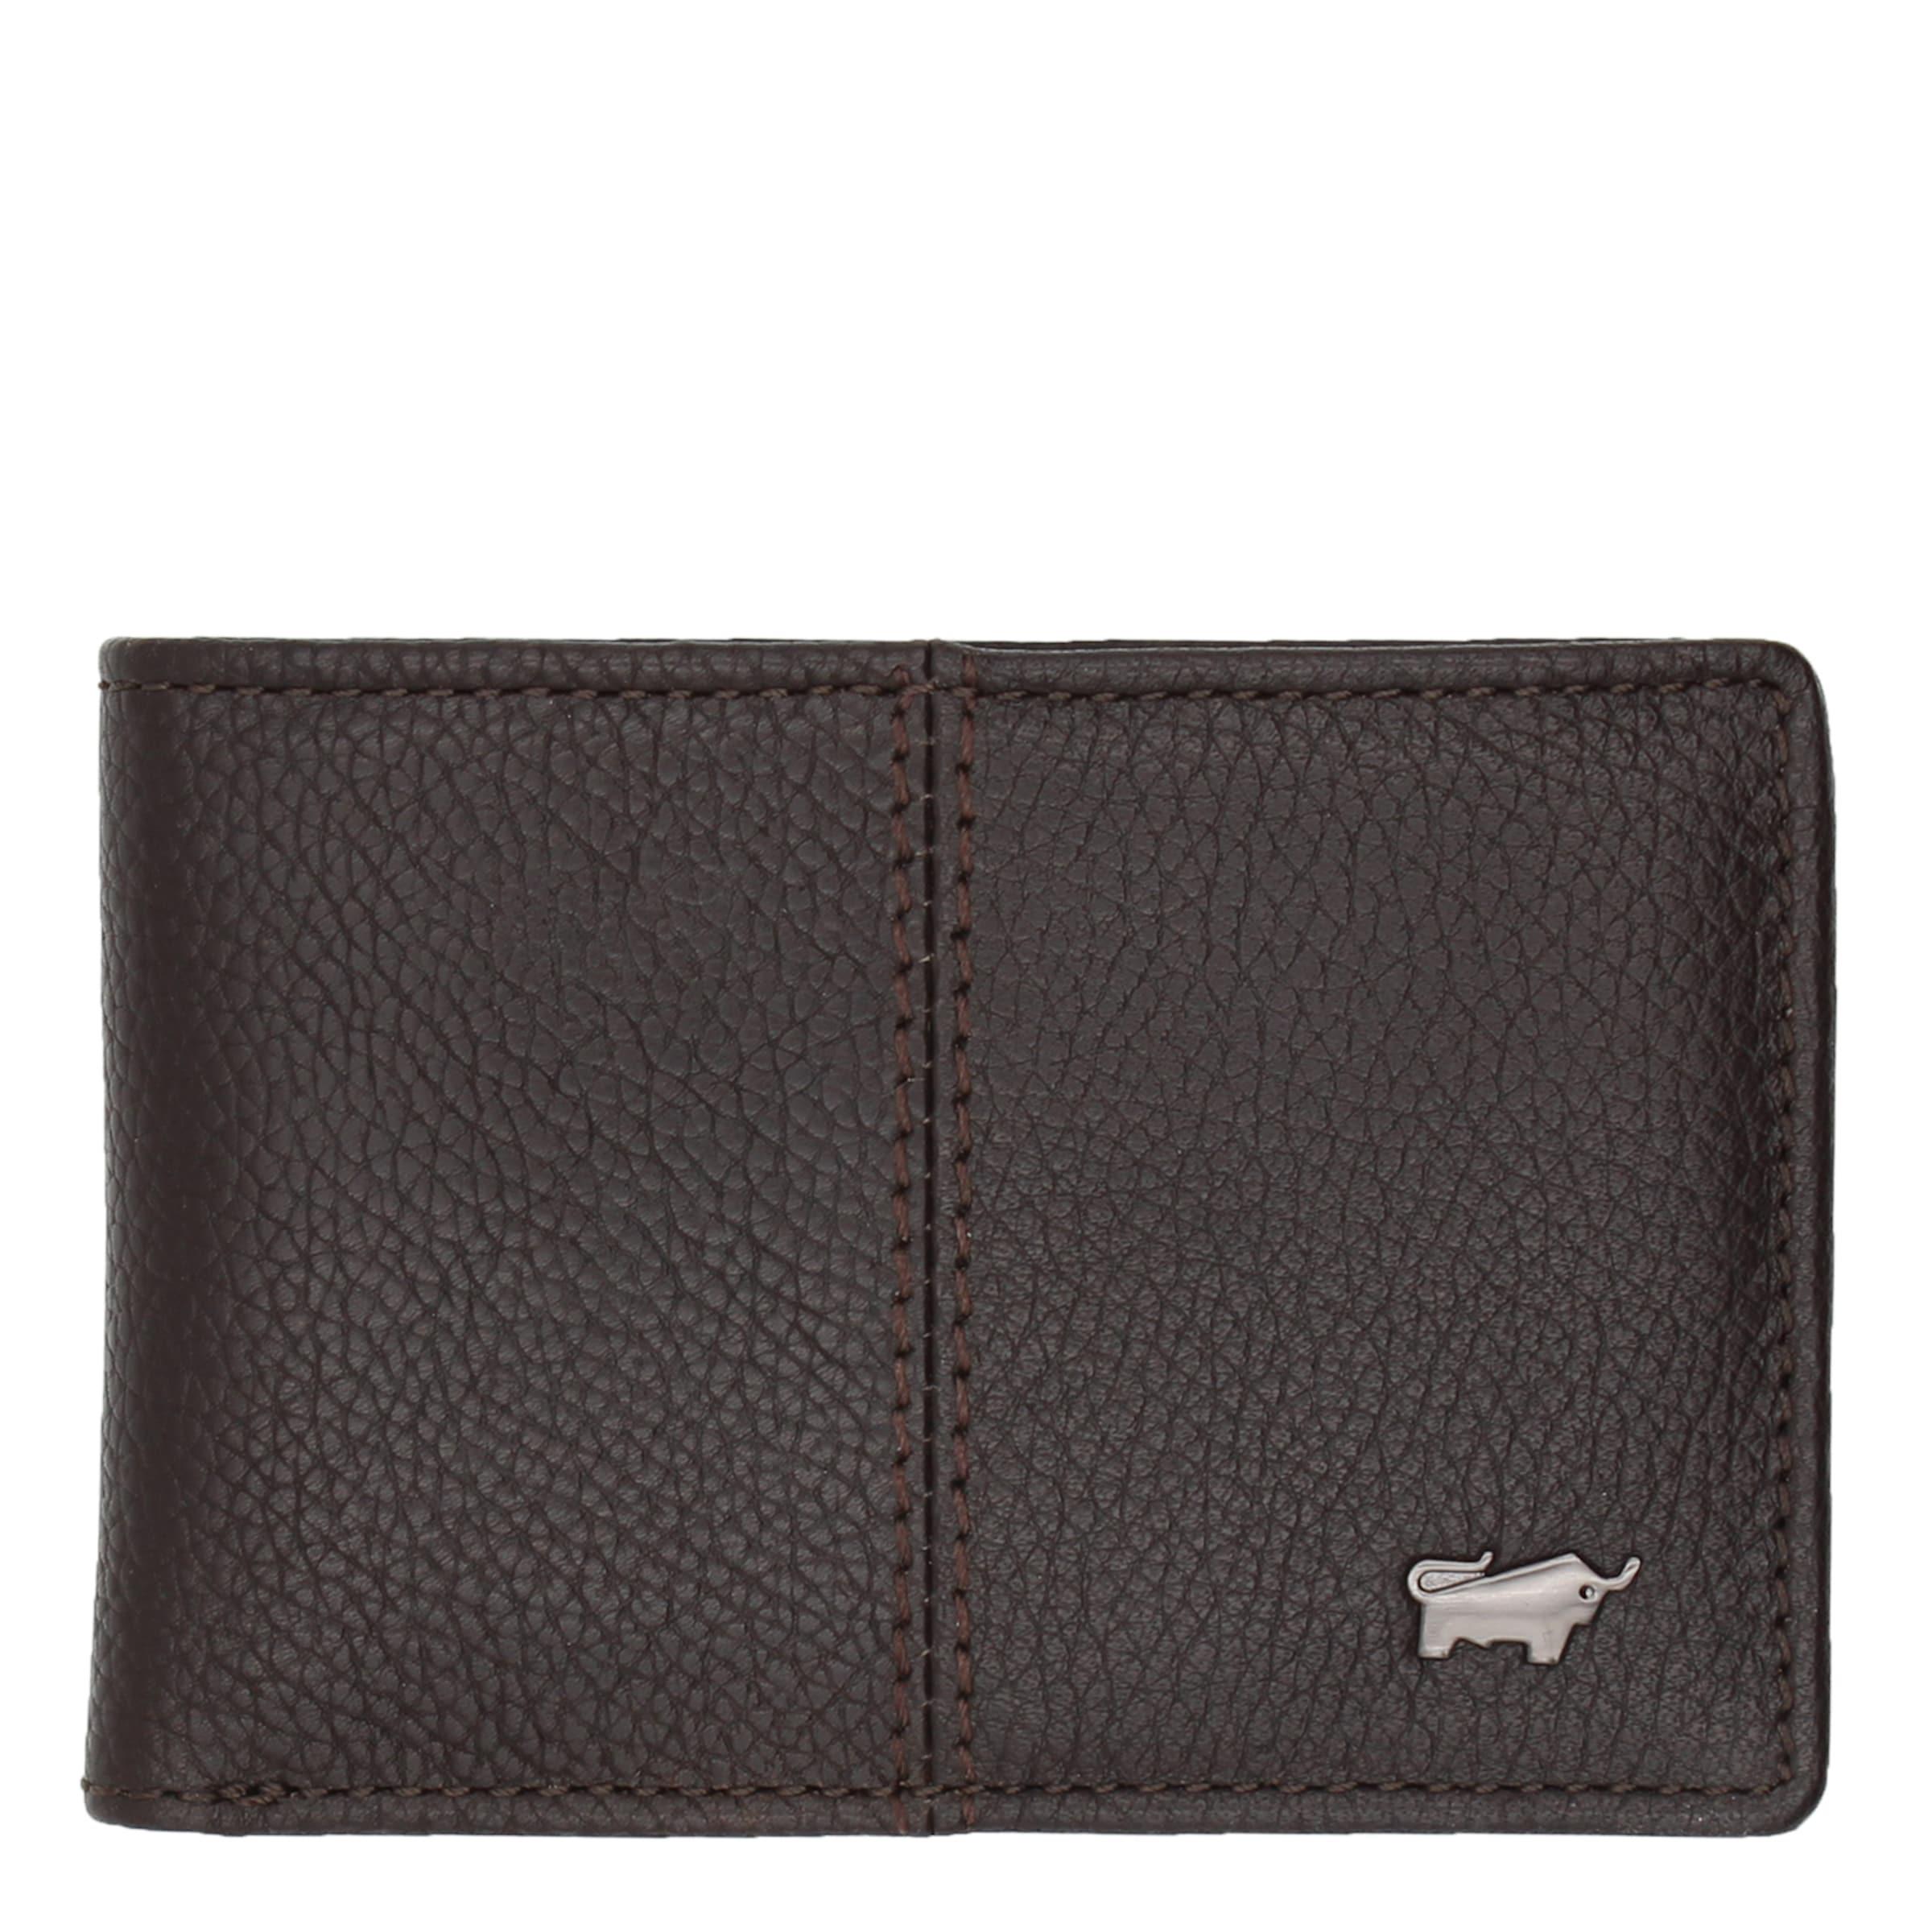 Geldbörse Büffel 1cs' In Braun 'varese EWHIe2DY9